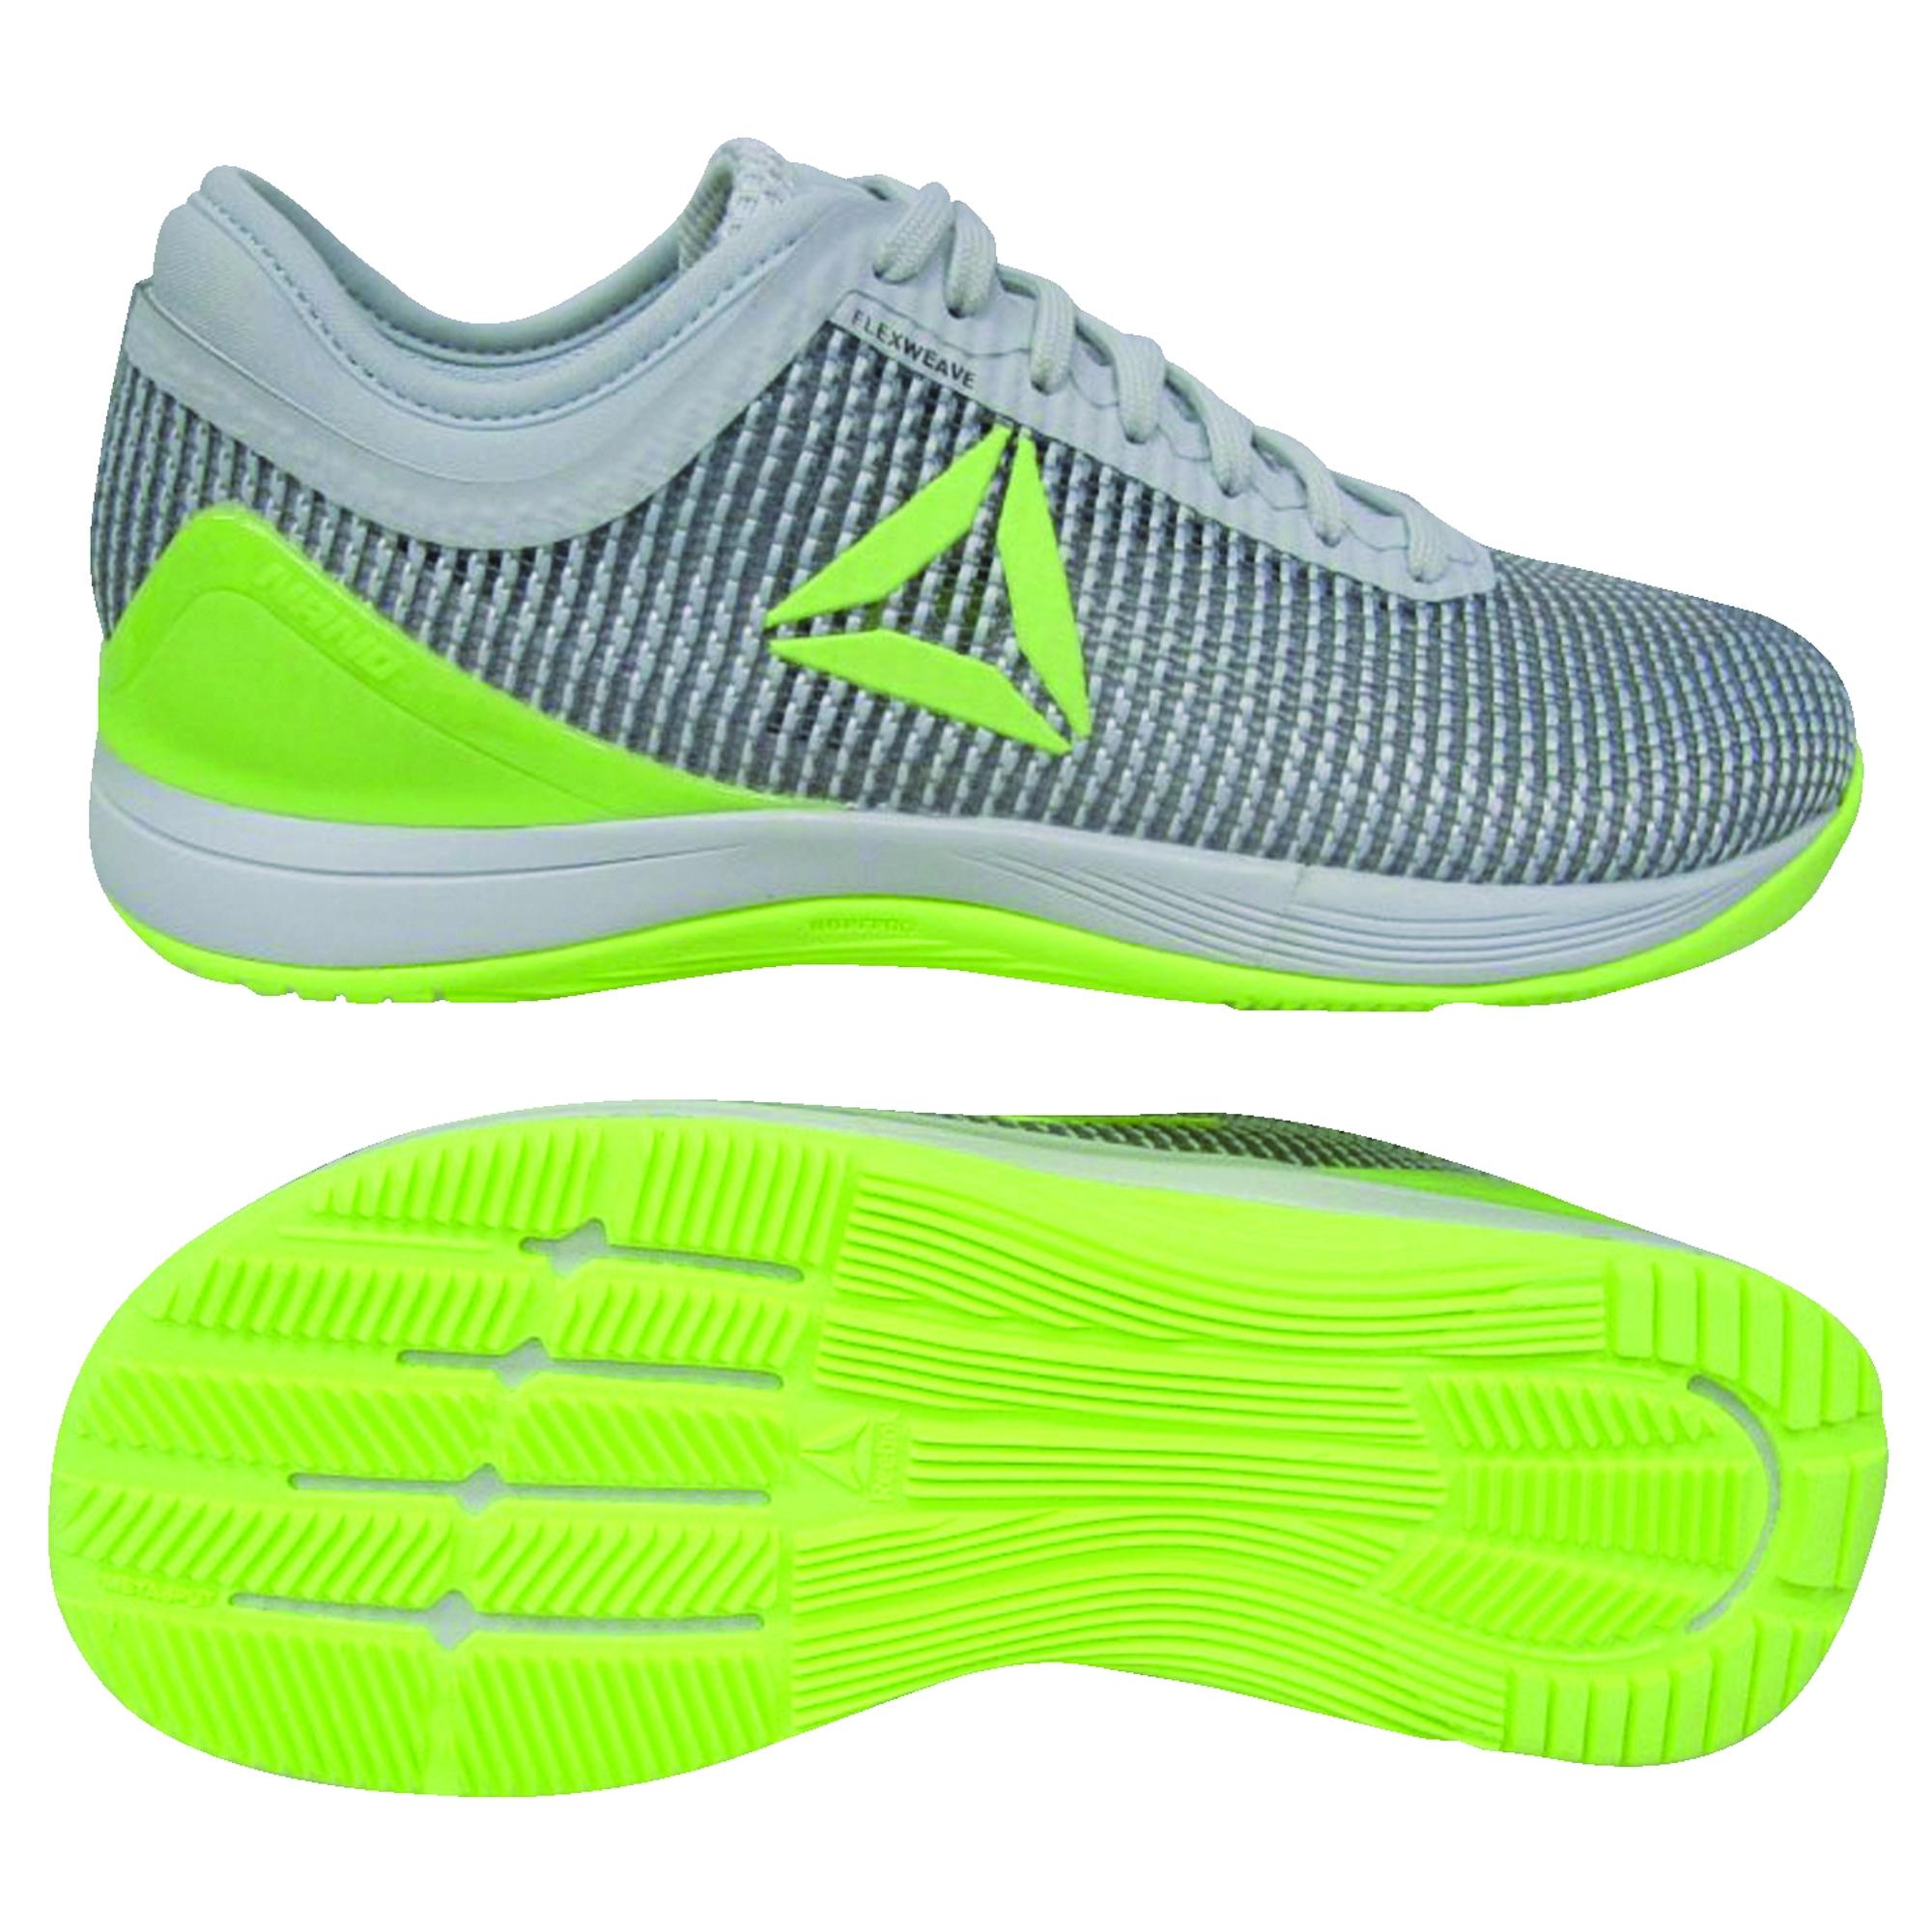 Reebok Chaussures Nano Femme Crossfit 8 0 rdtBsQChx